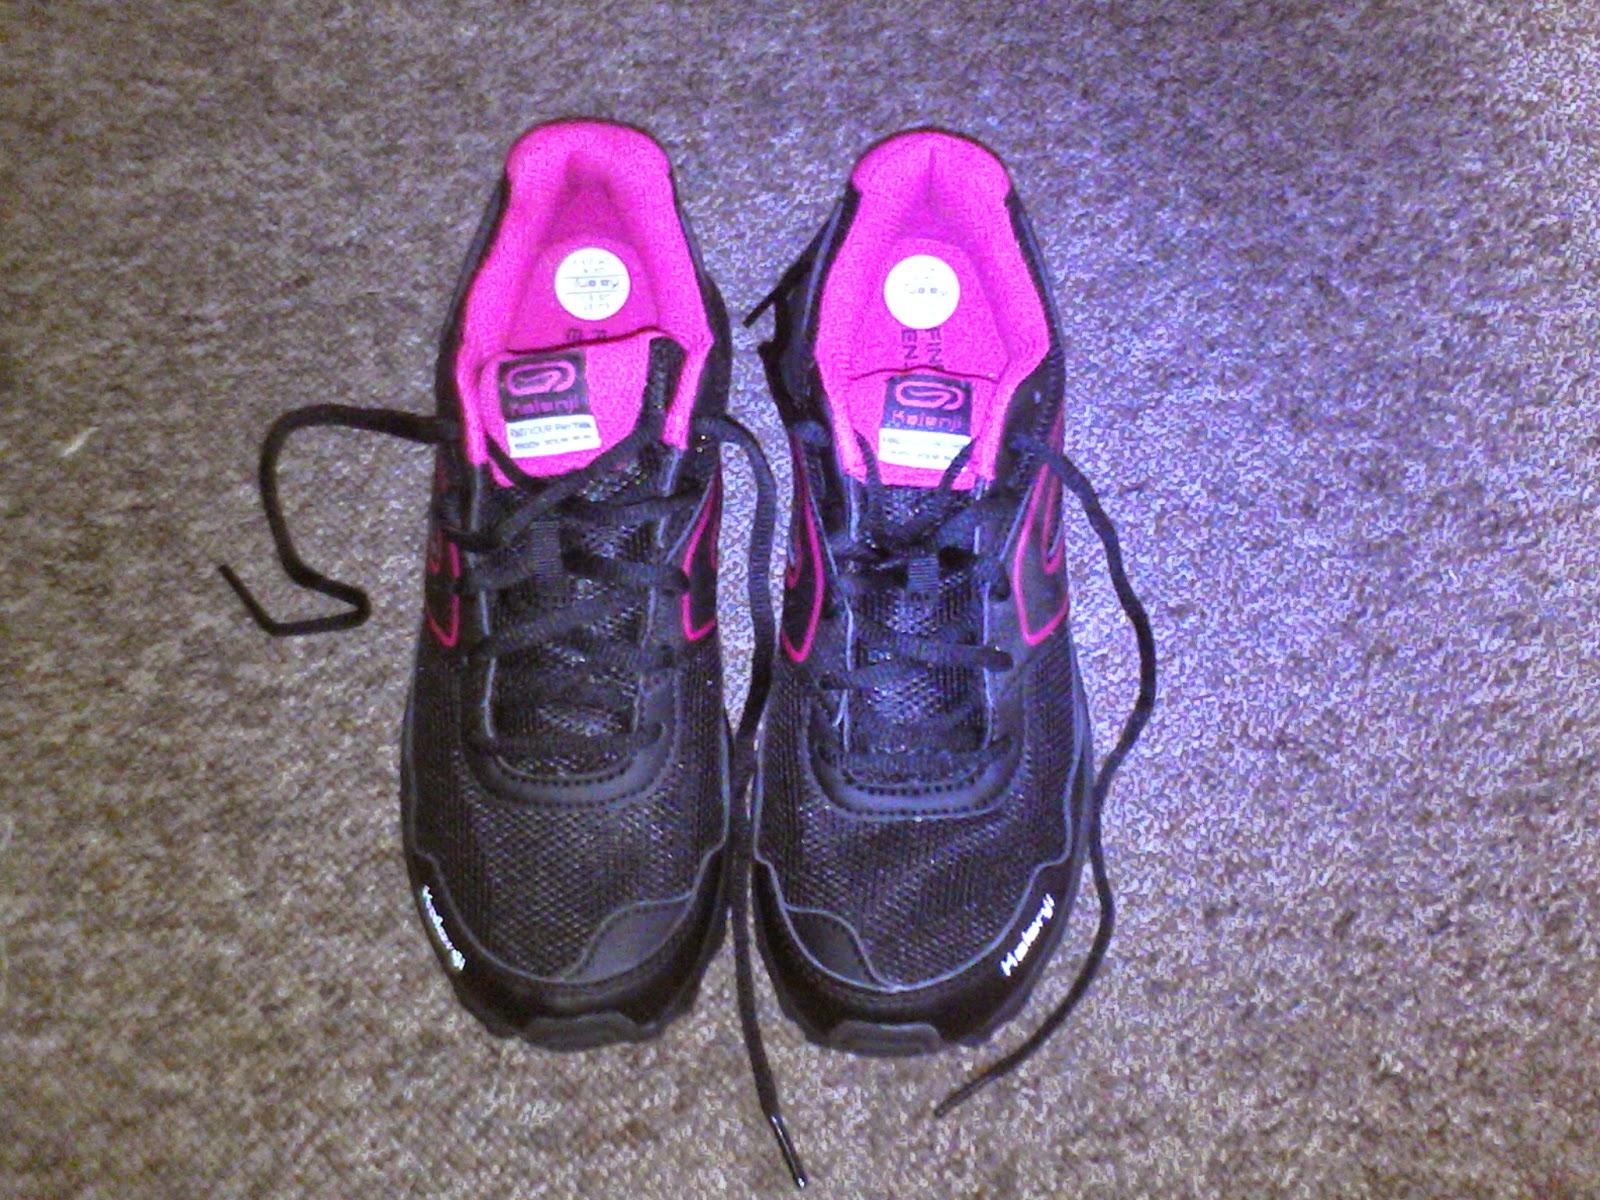 9cf312293 Buty do biegania damskie Kapteren 50 Kalenji są idealne pod względem  kolorystycznym. Czarne z różowymi elementami. Urzekły mnie od razu.